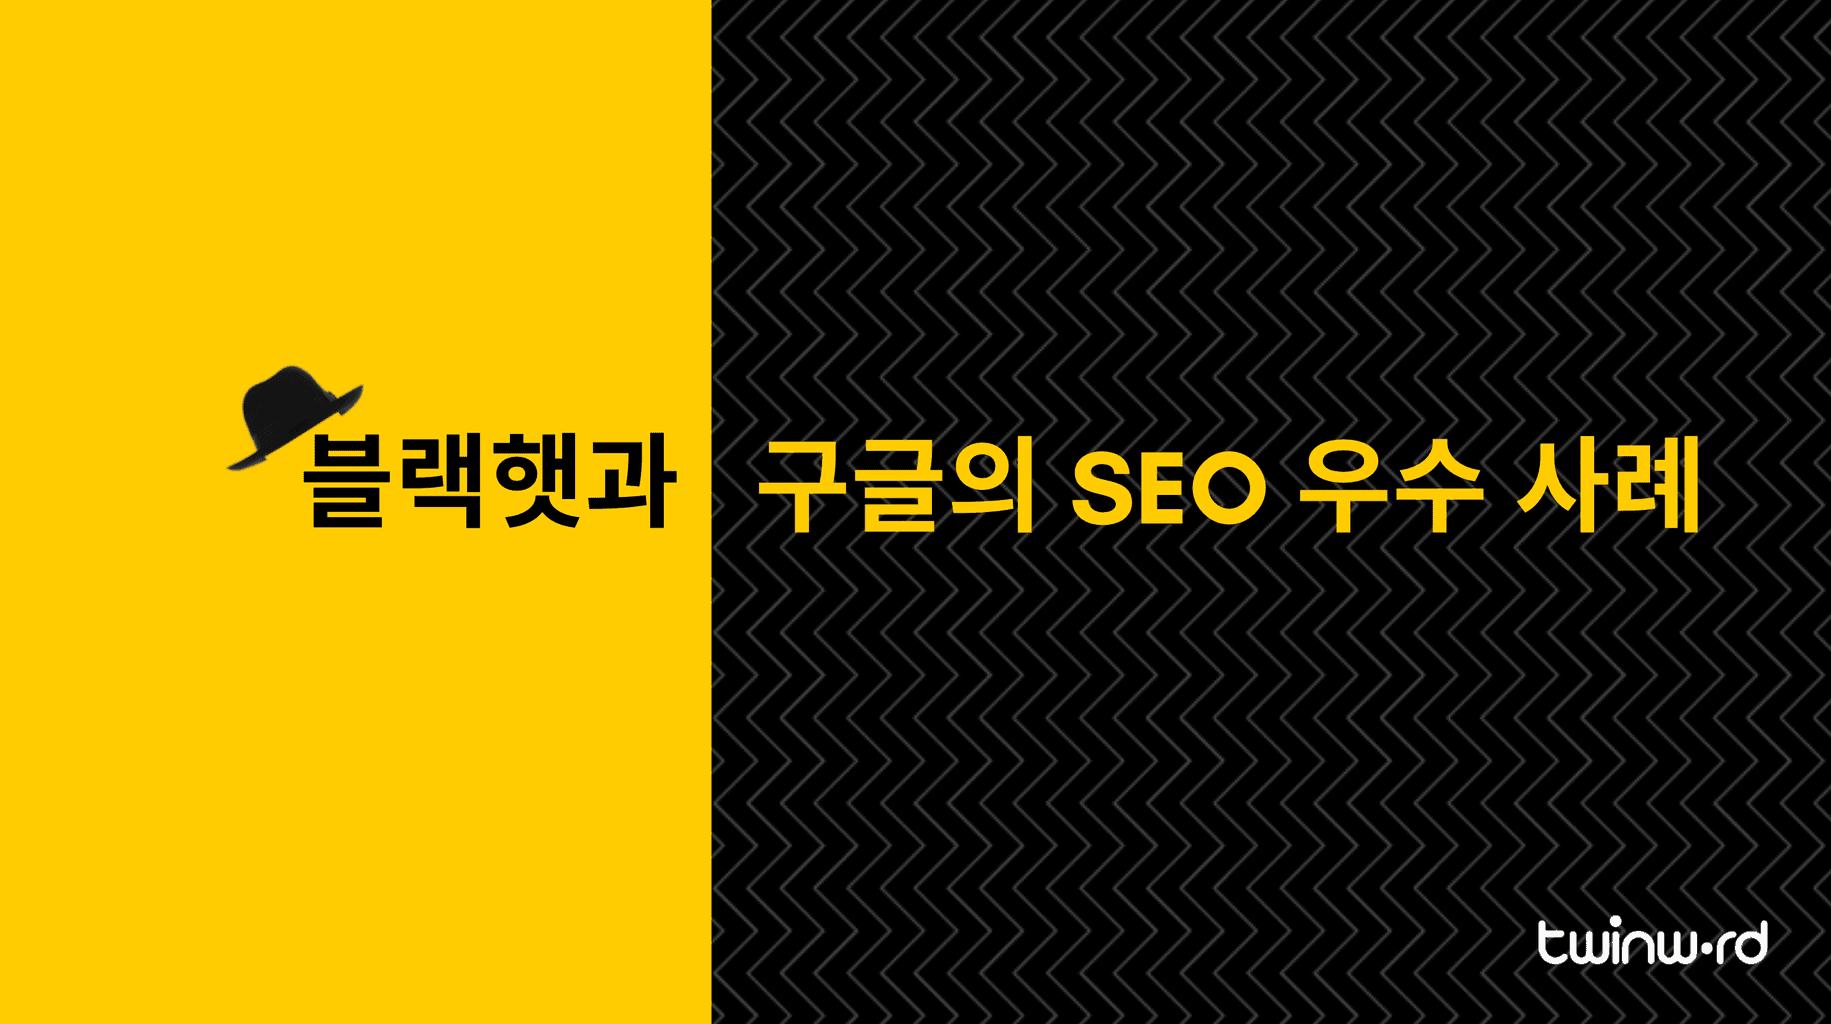 블랙햇과 구글 선정 SEO 우수 사례